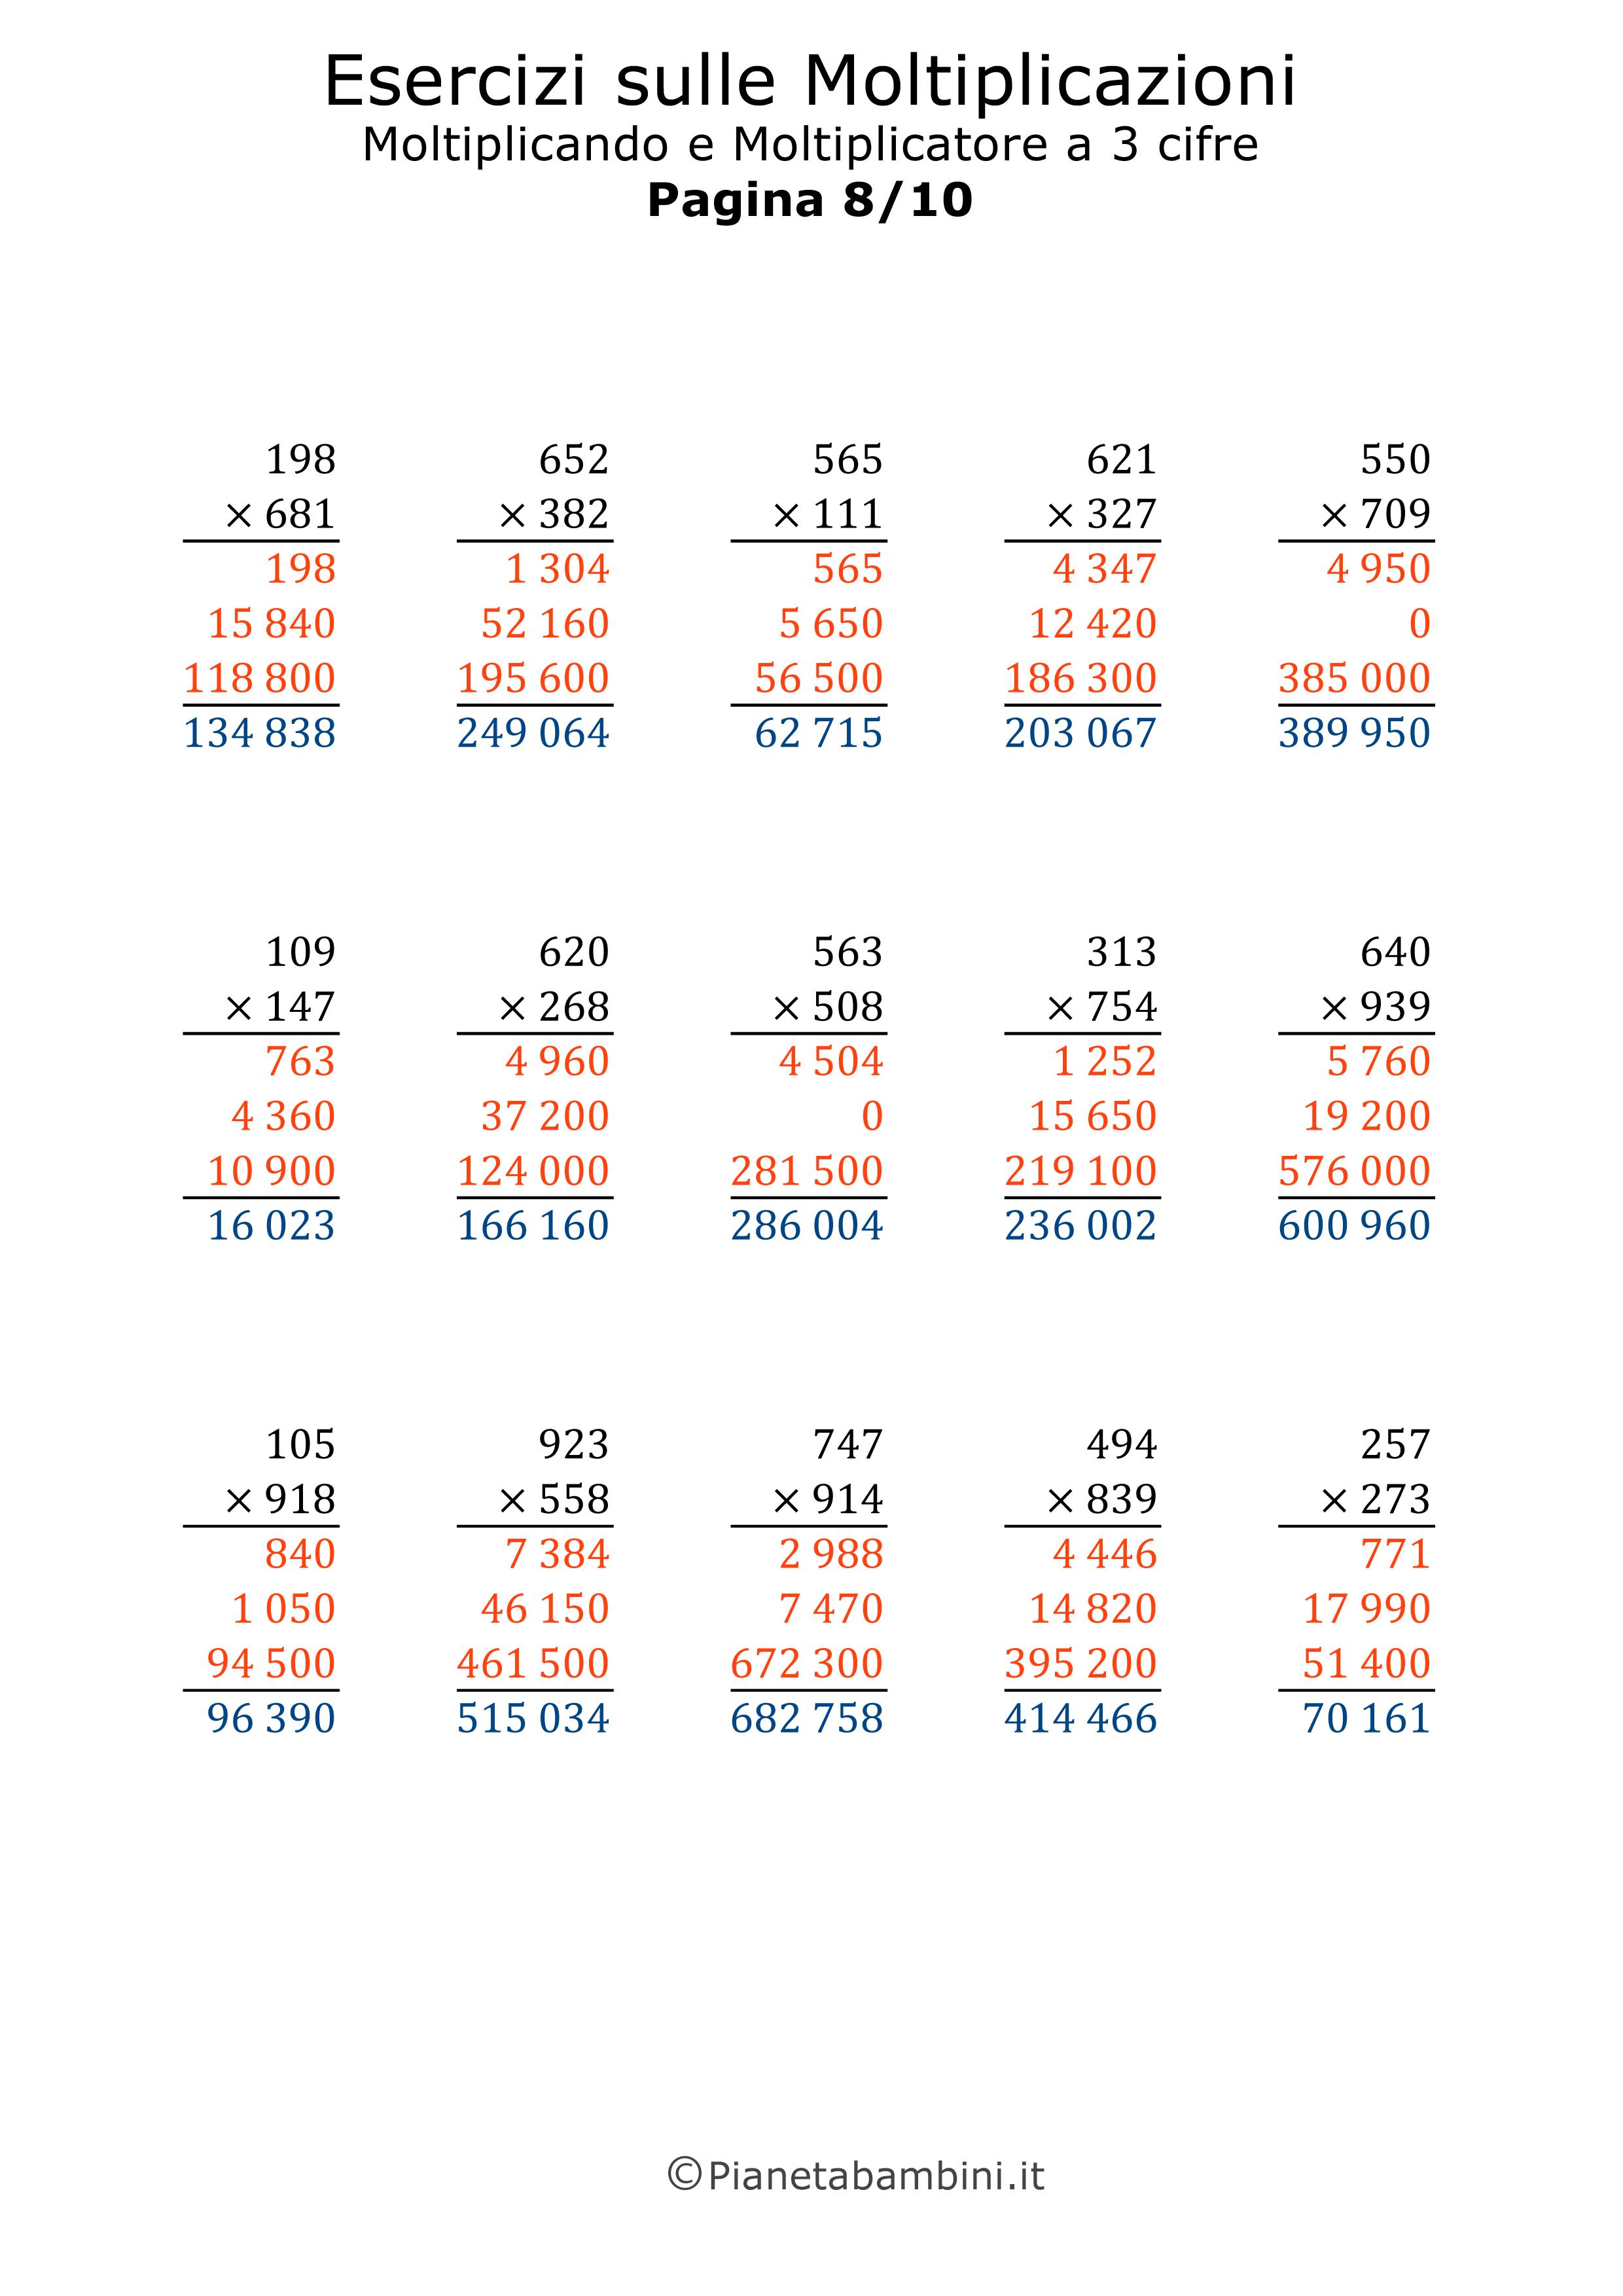 Esercizi sulle moltiplicazioni in colonna a tre cifre